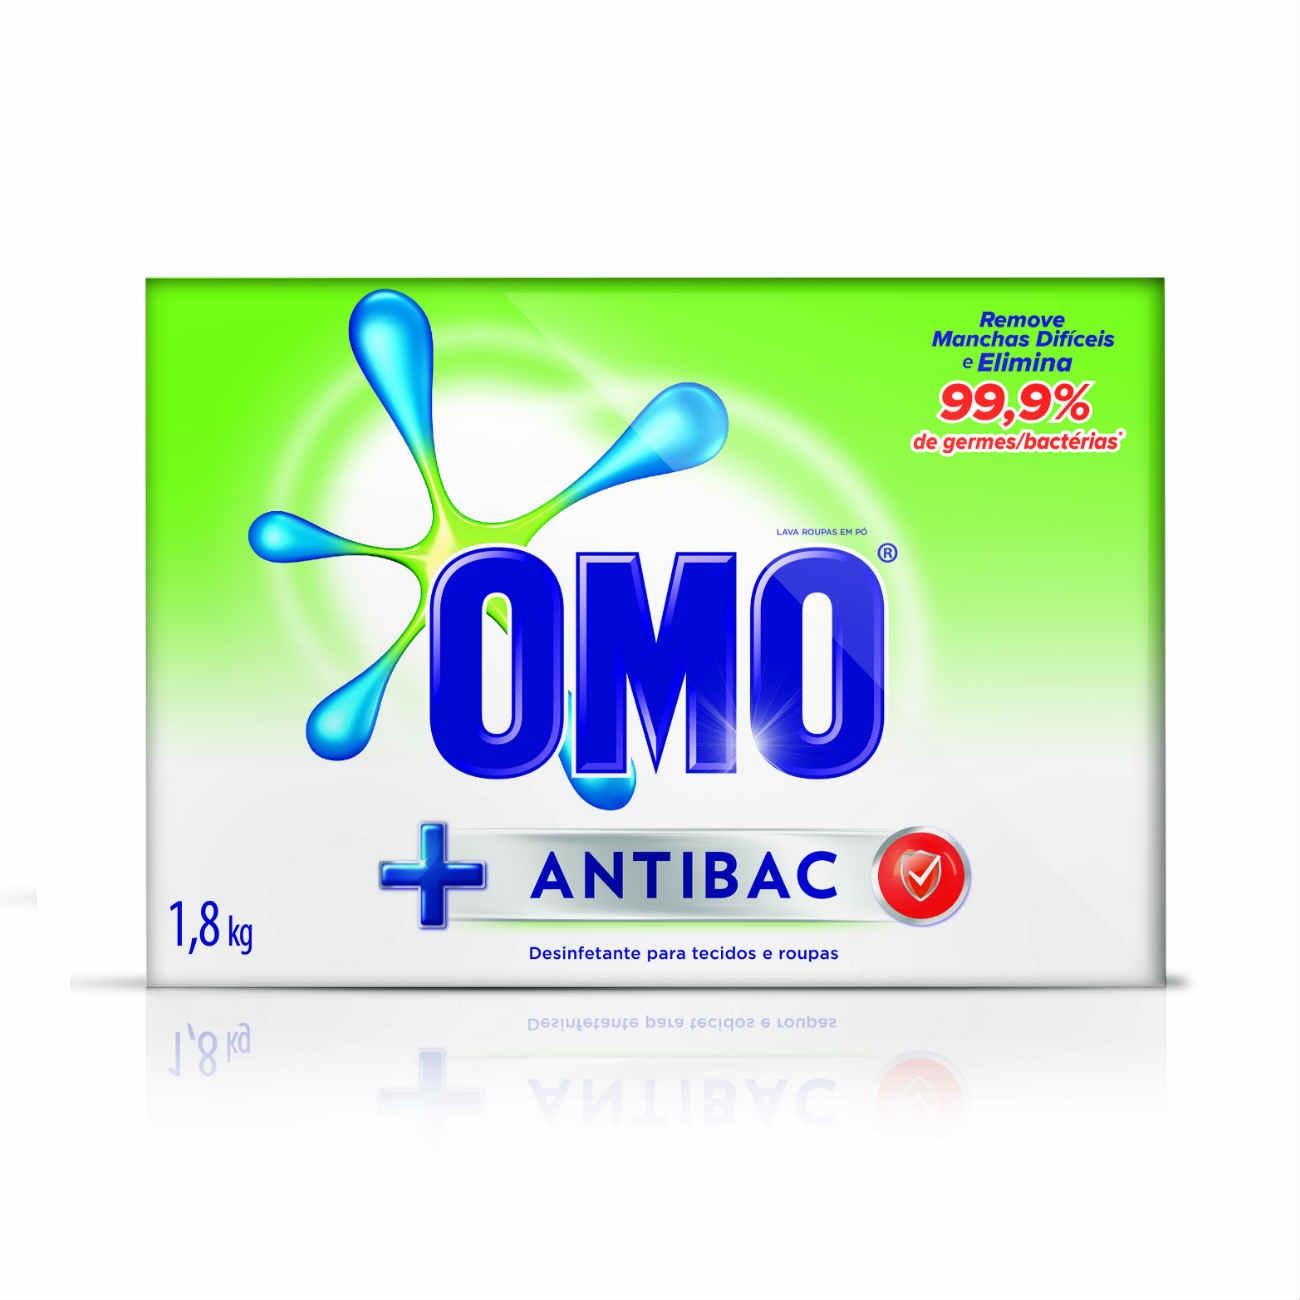 Detergente em Pó Omo Antibac 1,8Kg | Caixa com 1